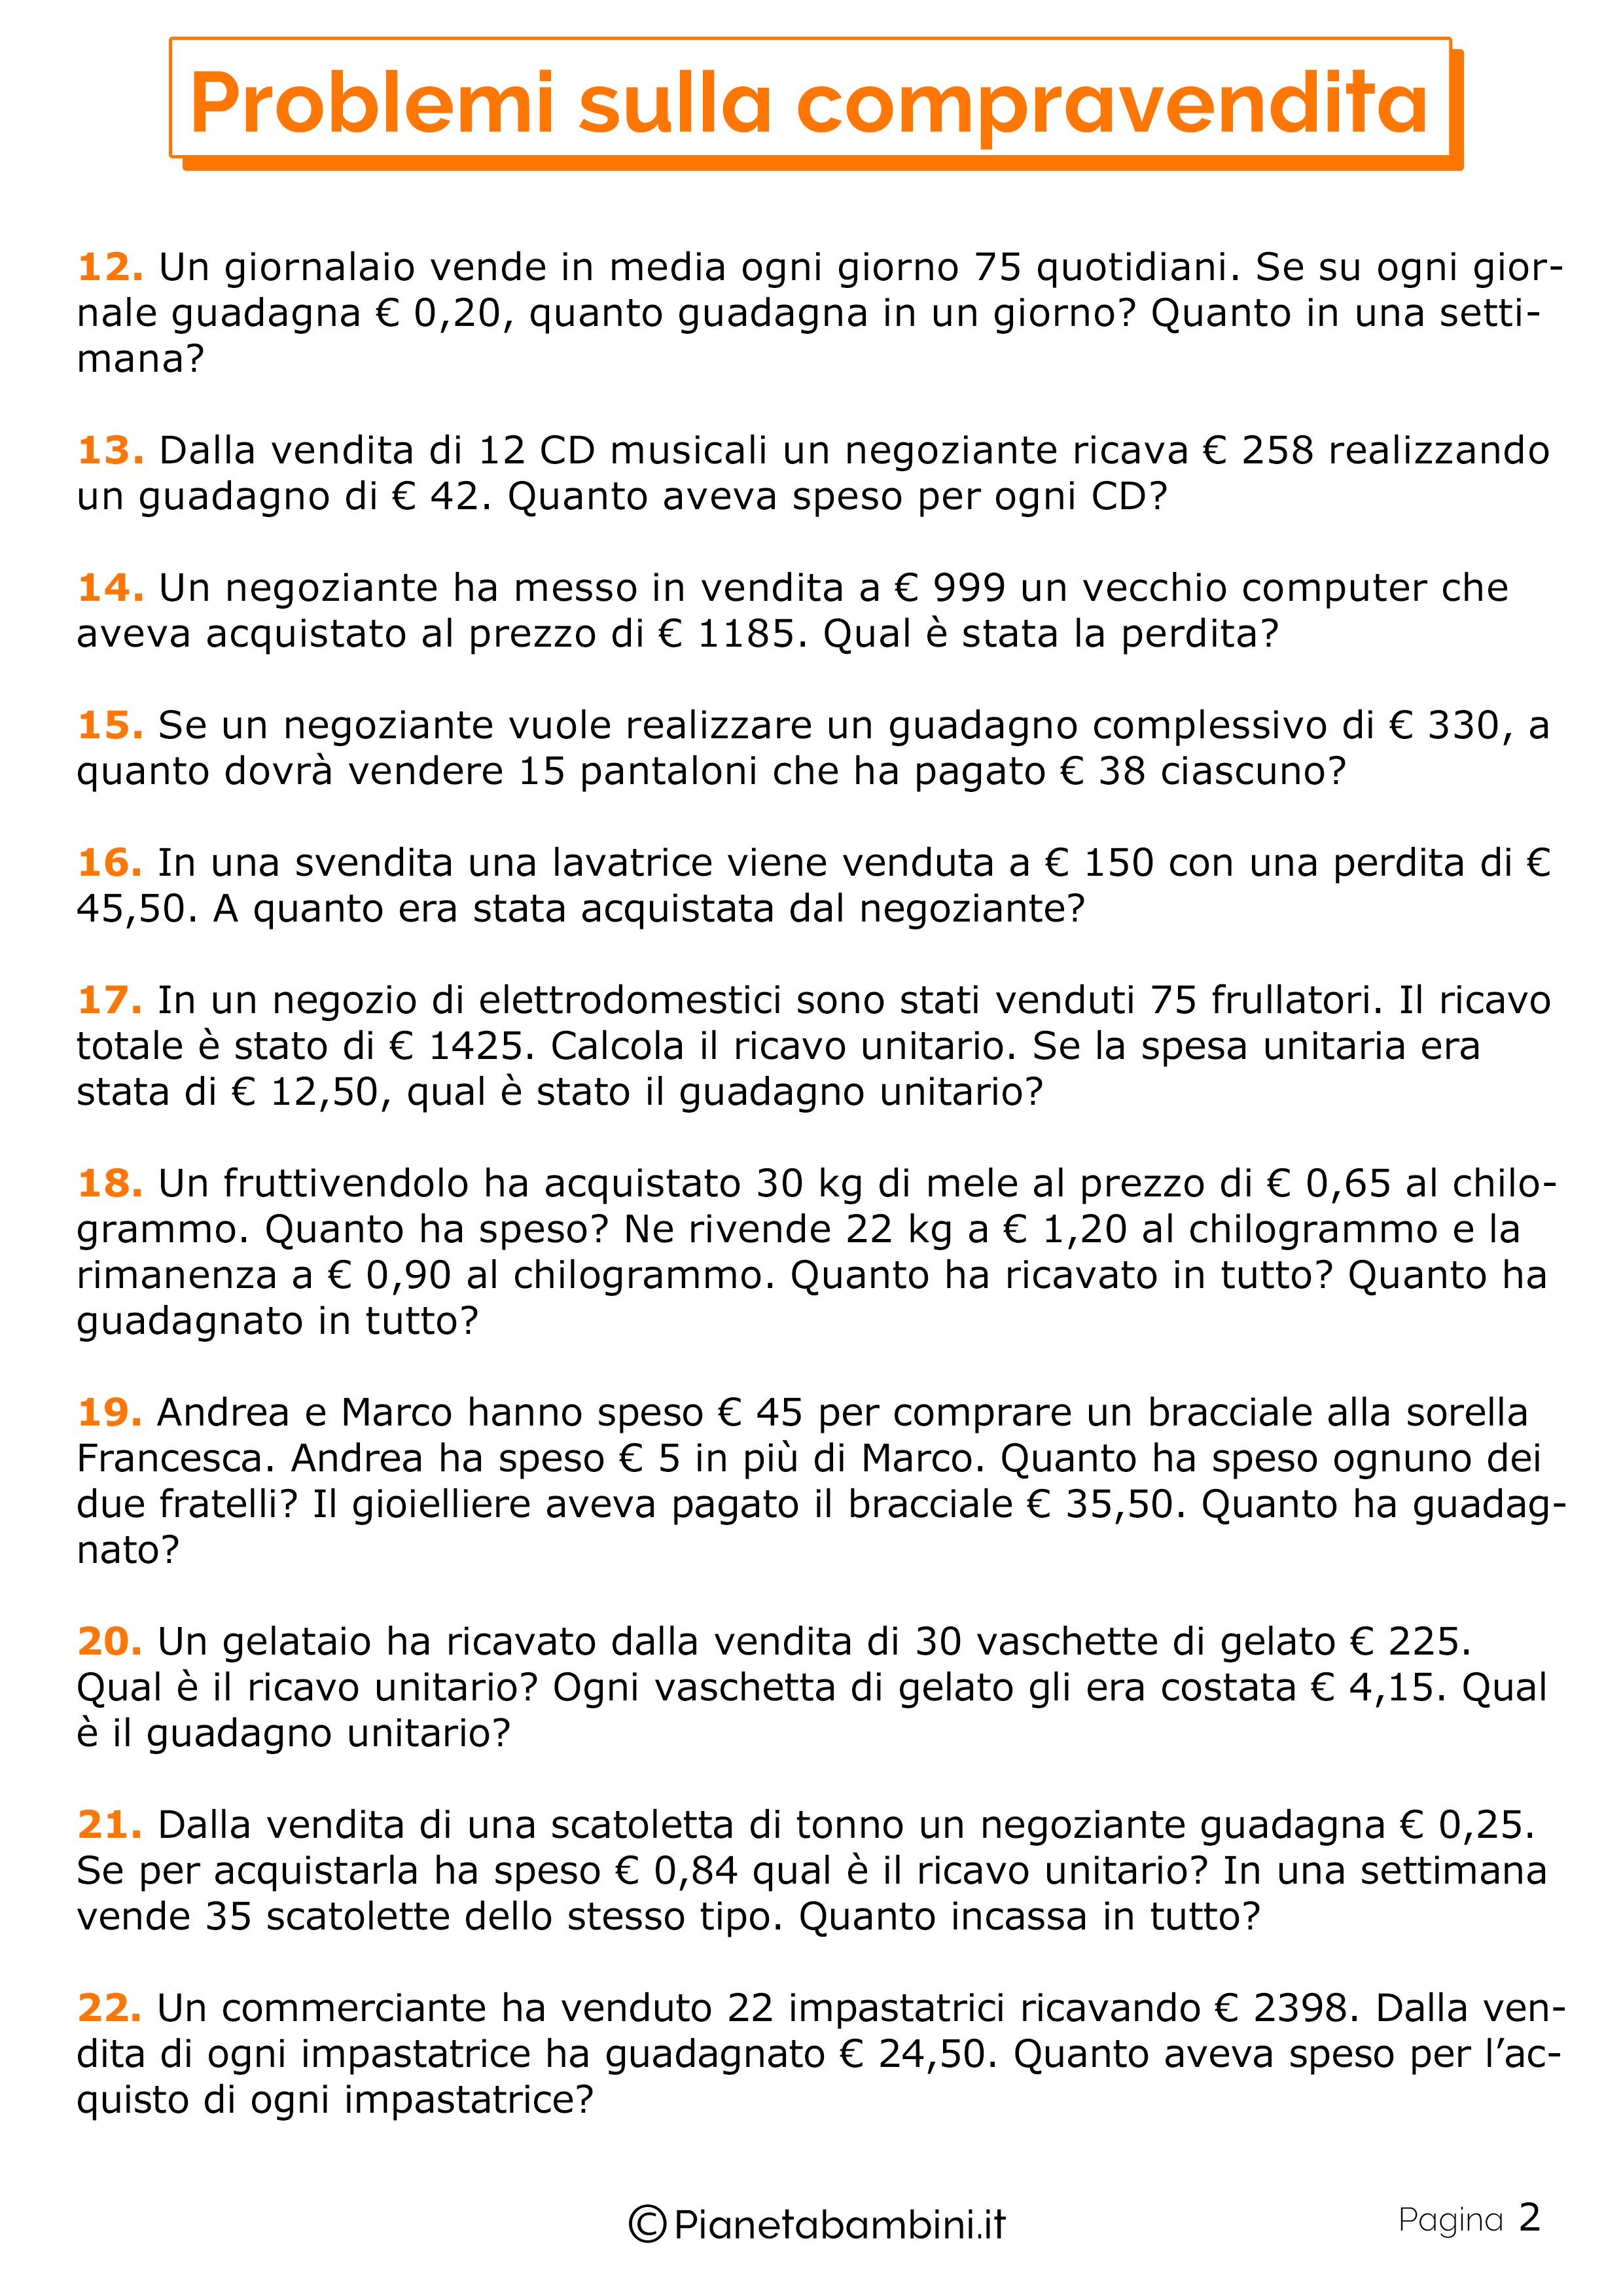 30 Problemi Sulla Compravendita Per La Scuola Primaria